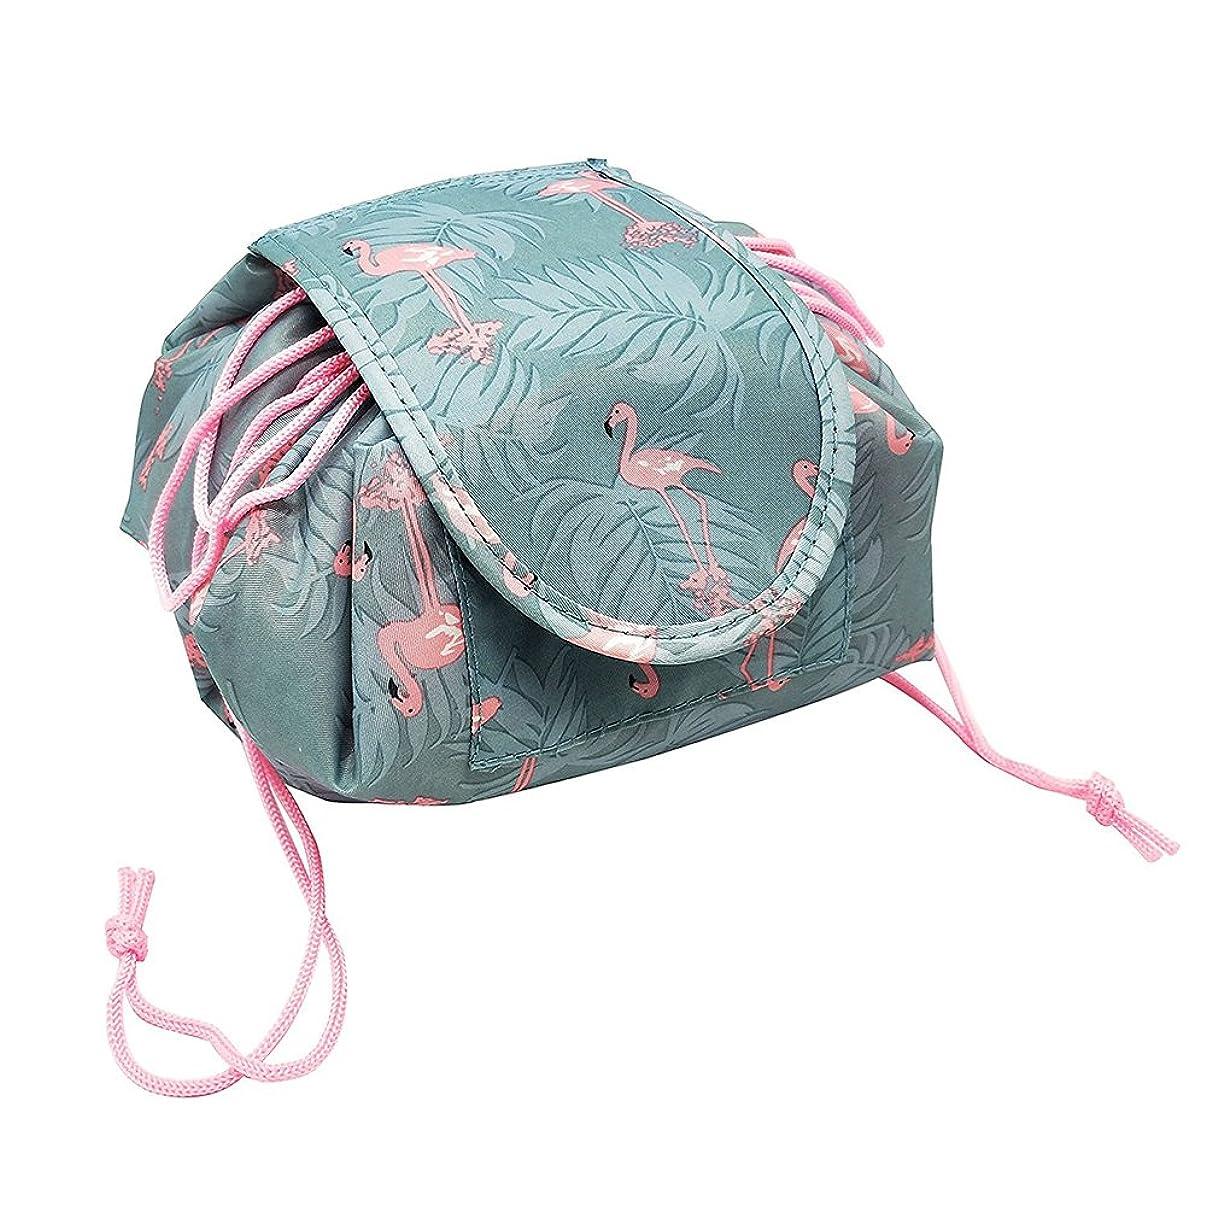 乳とまり木シャープYOE(ヨイ) 化粧ポーチ 機能的 マジックポーチ 化粧 ポーチ 巾着 メイクポーチ 大容量 化粧品収納ボックス メイクバッグ コスメ収納 (フリーサイズ, フラミンゴ)